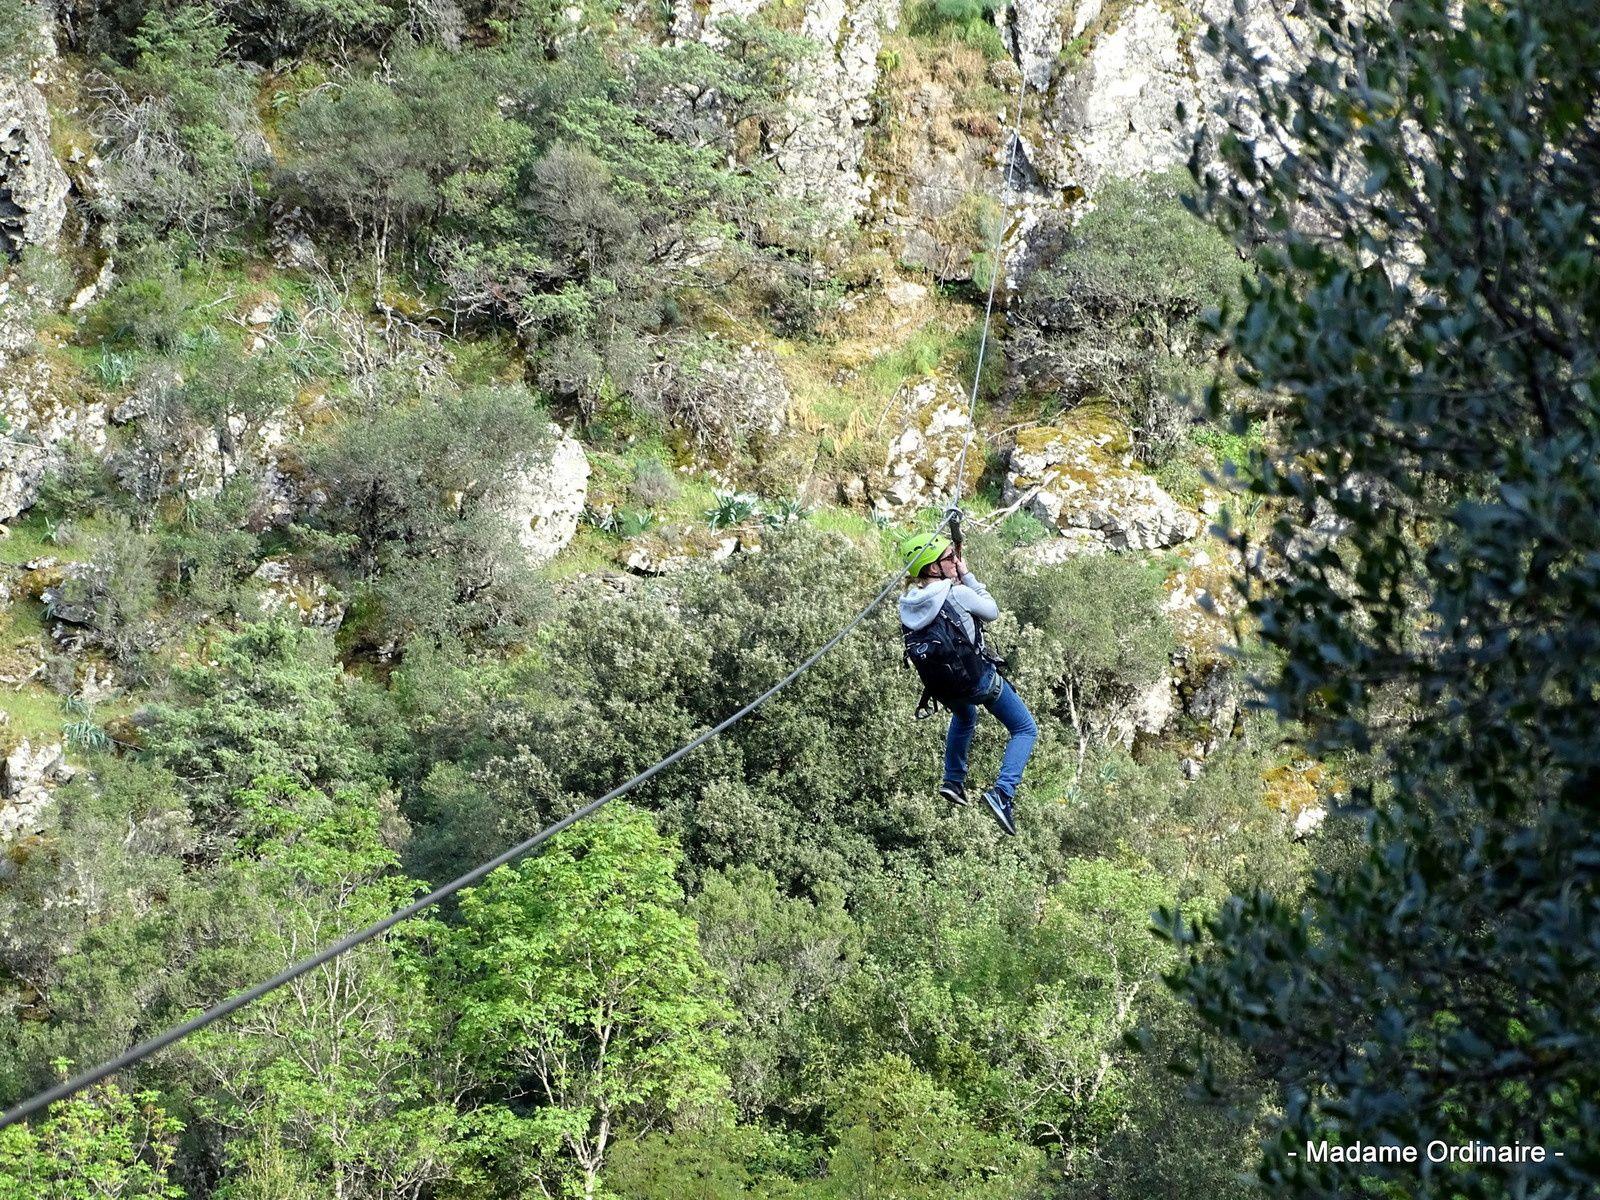 Le plein de sensations en Corse : Tyrotrekking dans la vallée de l'Asco